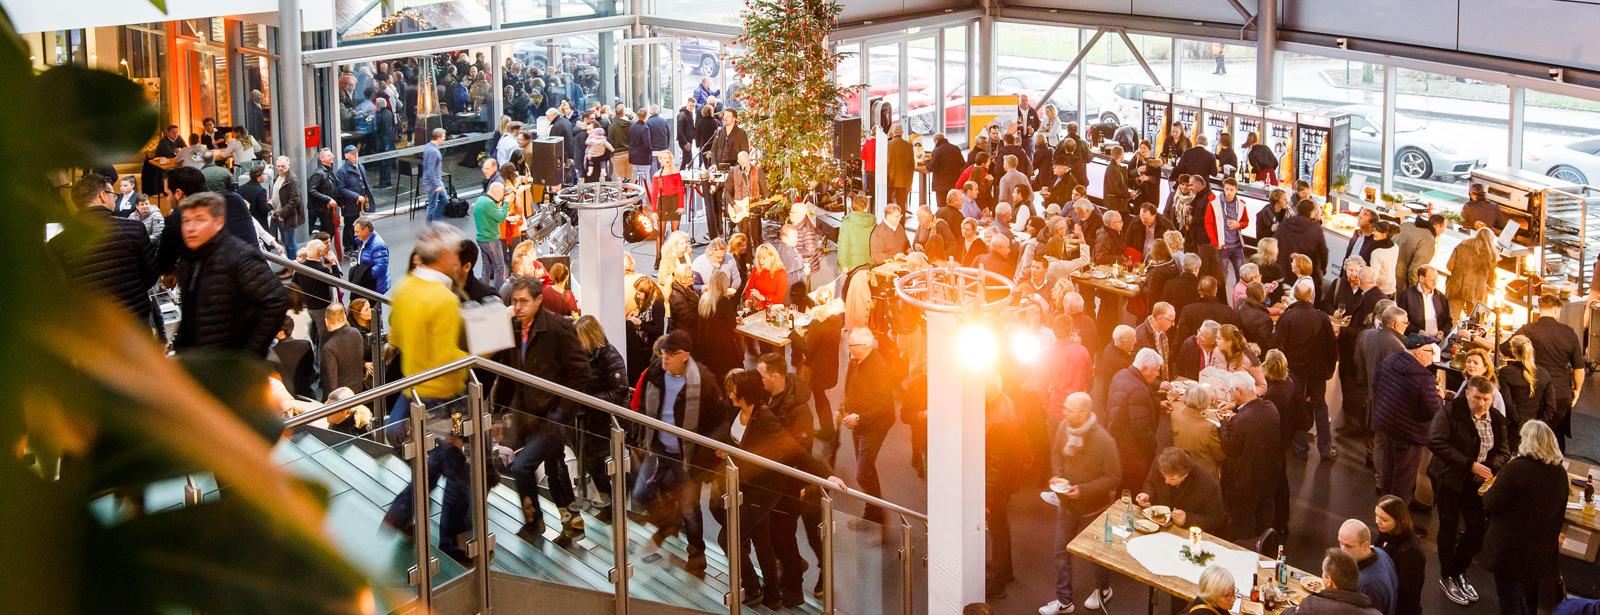 Weihnachtsmarkt Wuppertal öffnungszeiten.Porsche Zentrum Wuppertal Events 2018